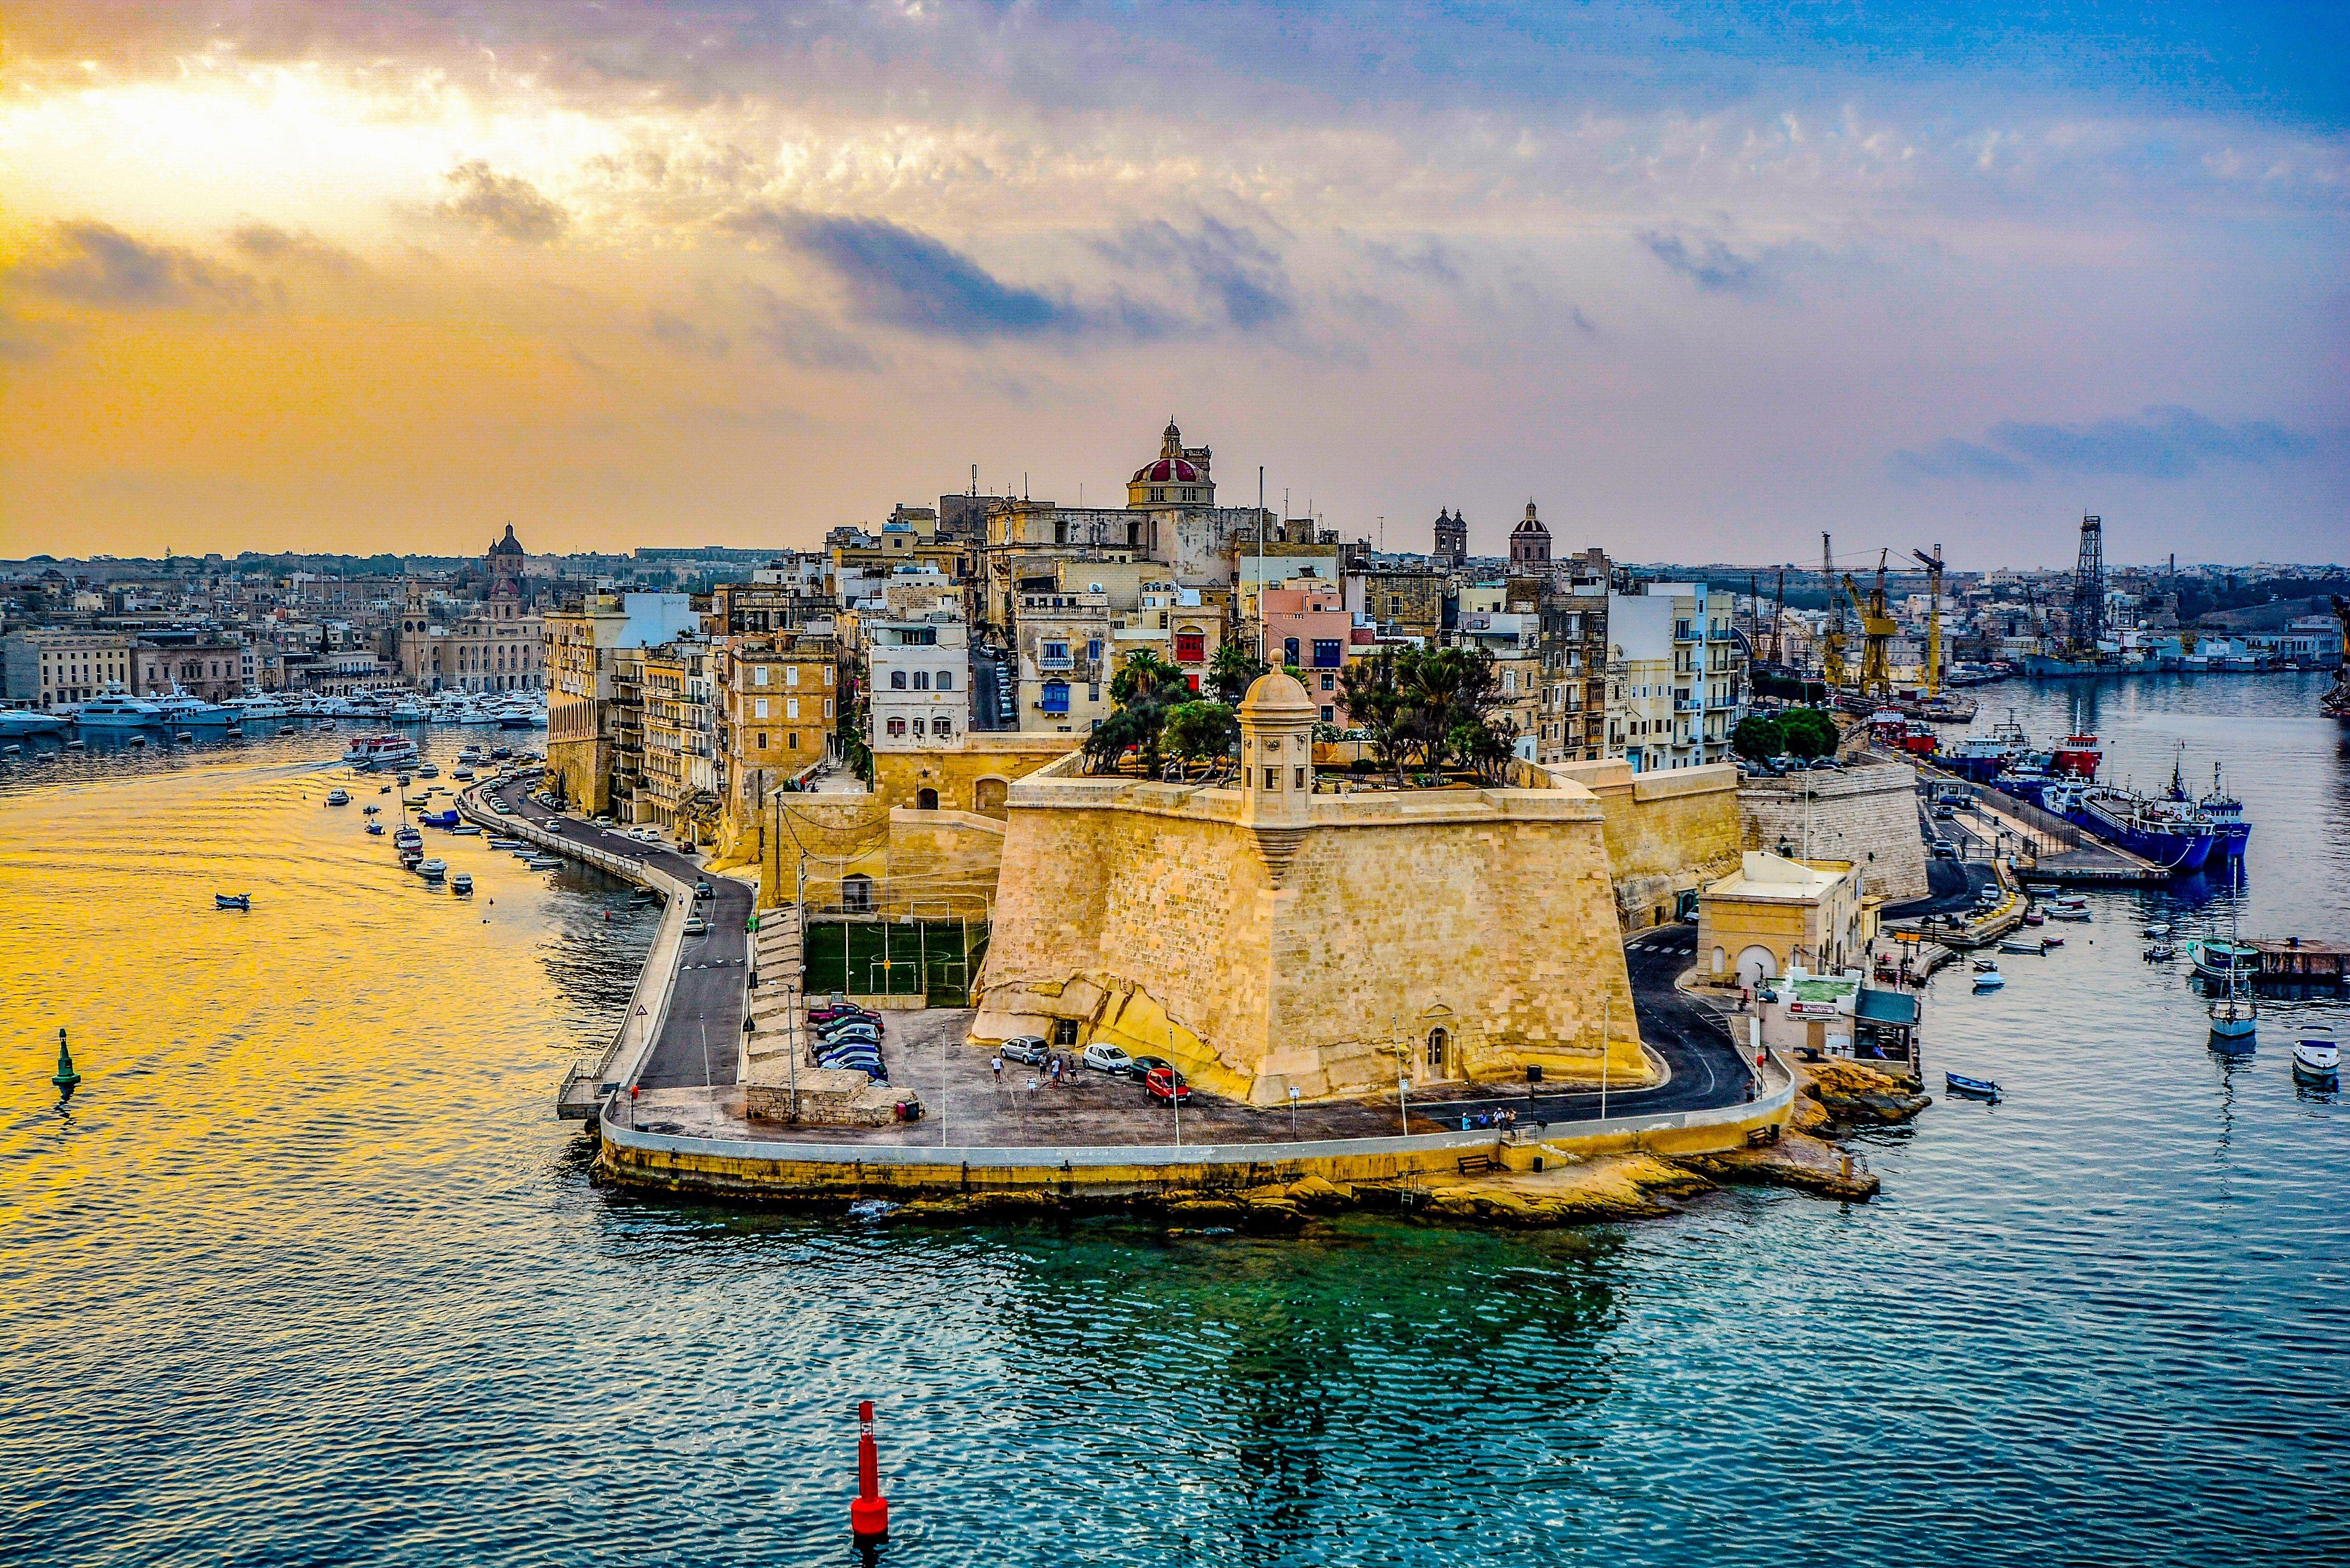 20190403 155549 68 Tourism Malta Tour Malta Island Fur Informationen Zugriff Auf Unsere Website مالٽا ማልታ Food Malta Island Malta Map Sightseeing